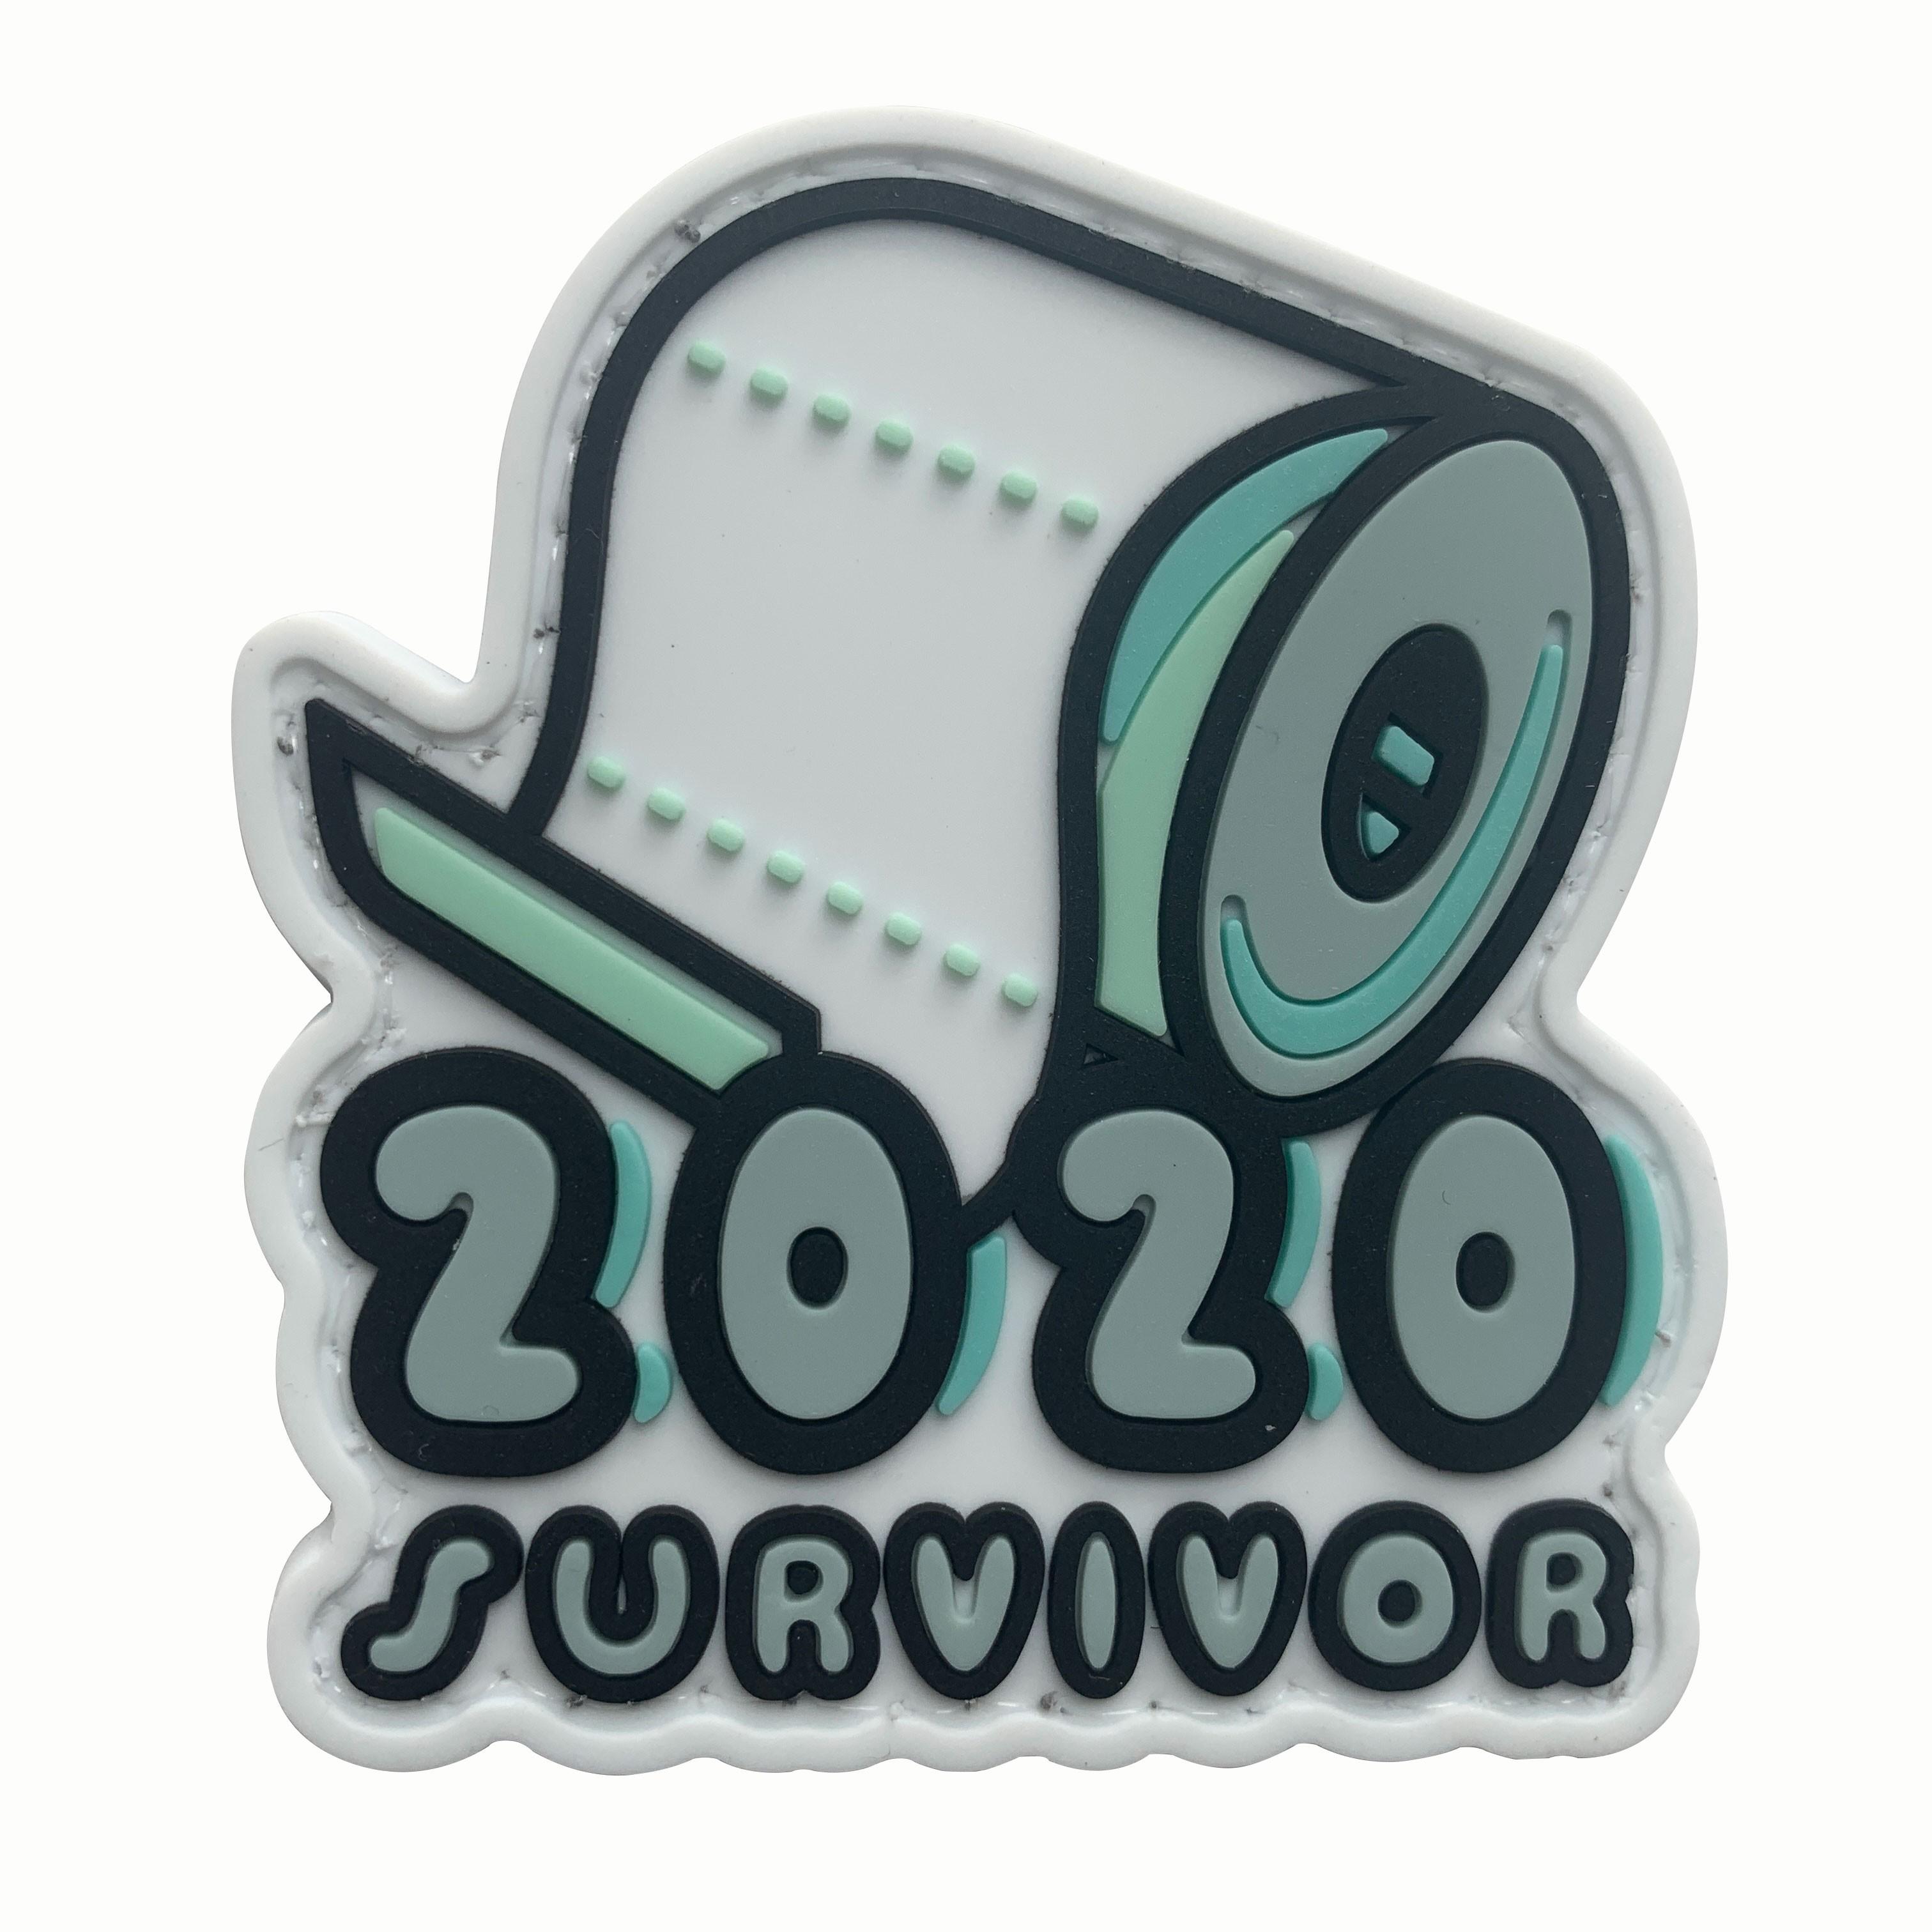 2020 Survivor PVC Morale Patch